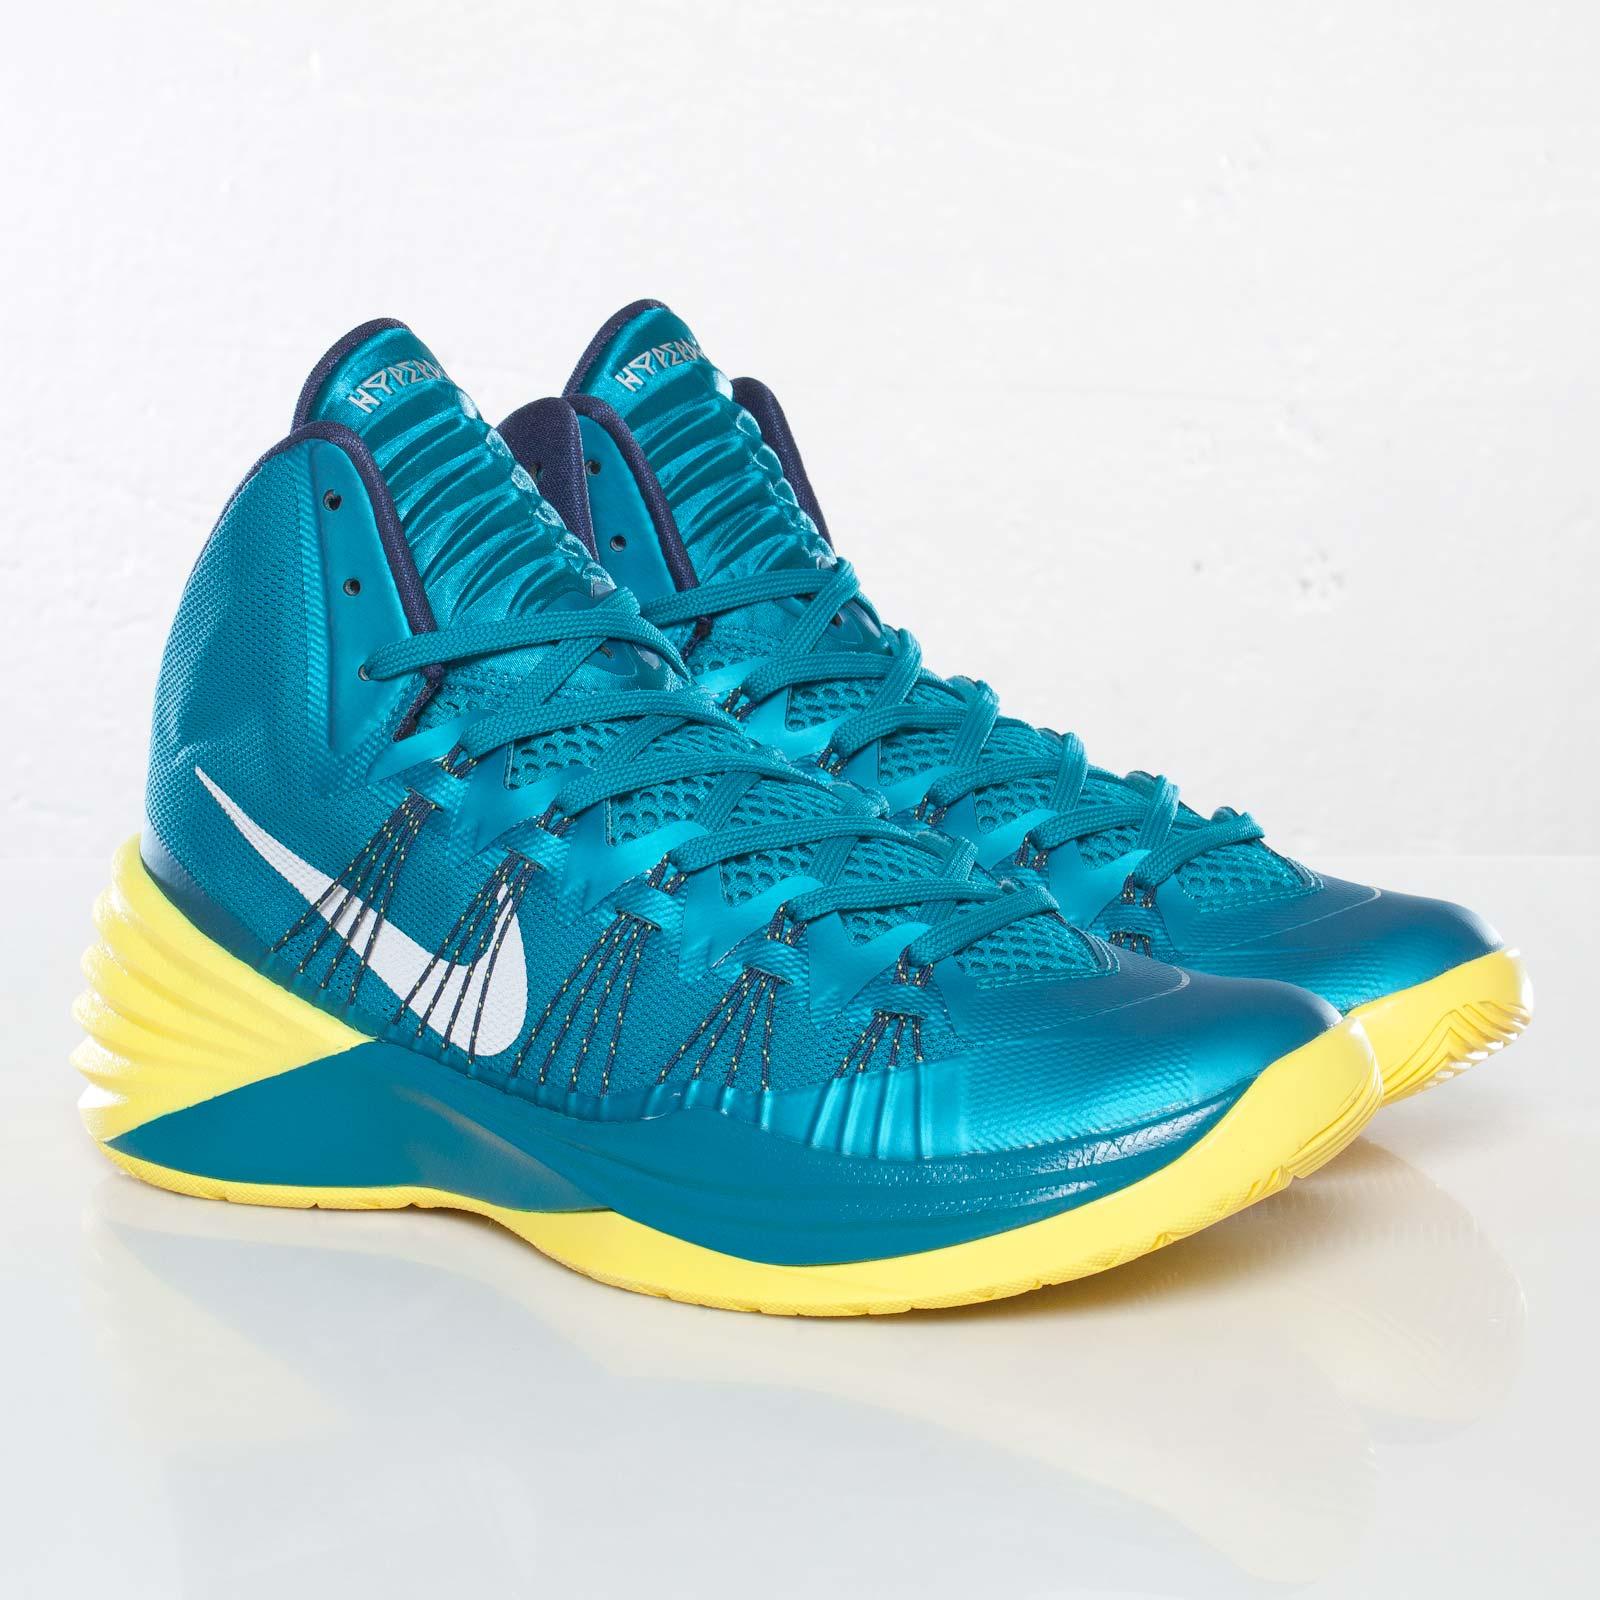 Nike Hyperdunk 2013 - 599537-300 - Sneakersnstuff  5f48b0882